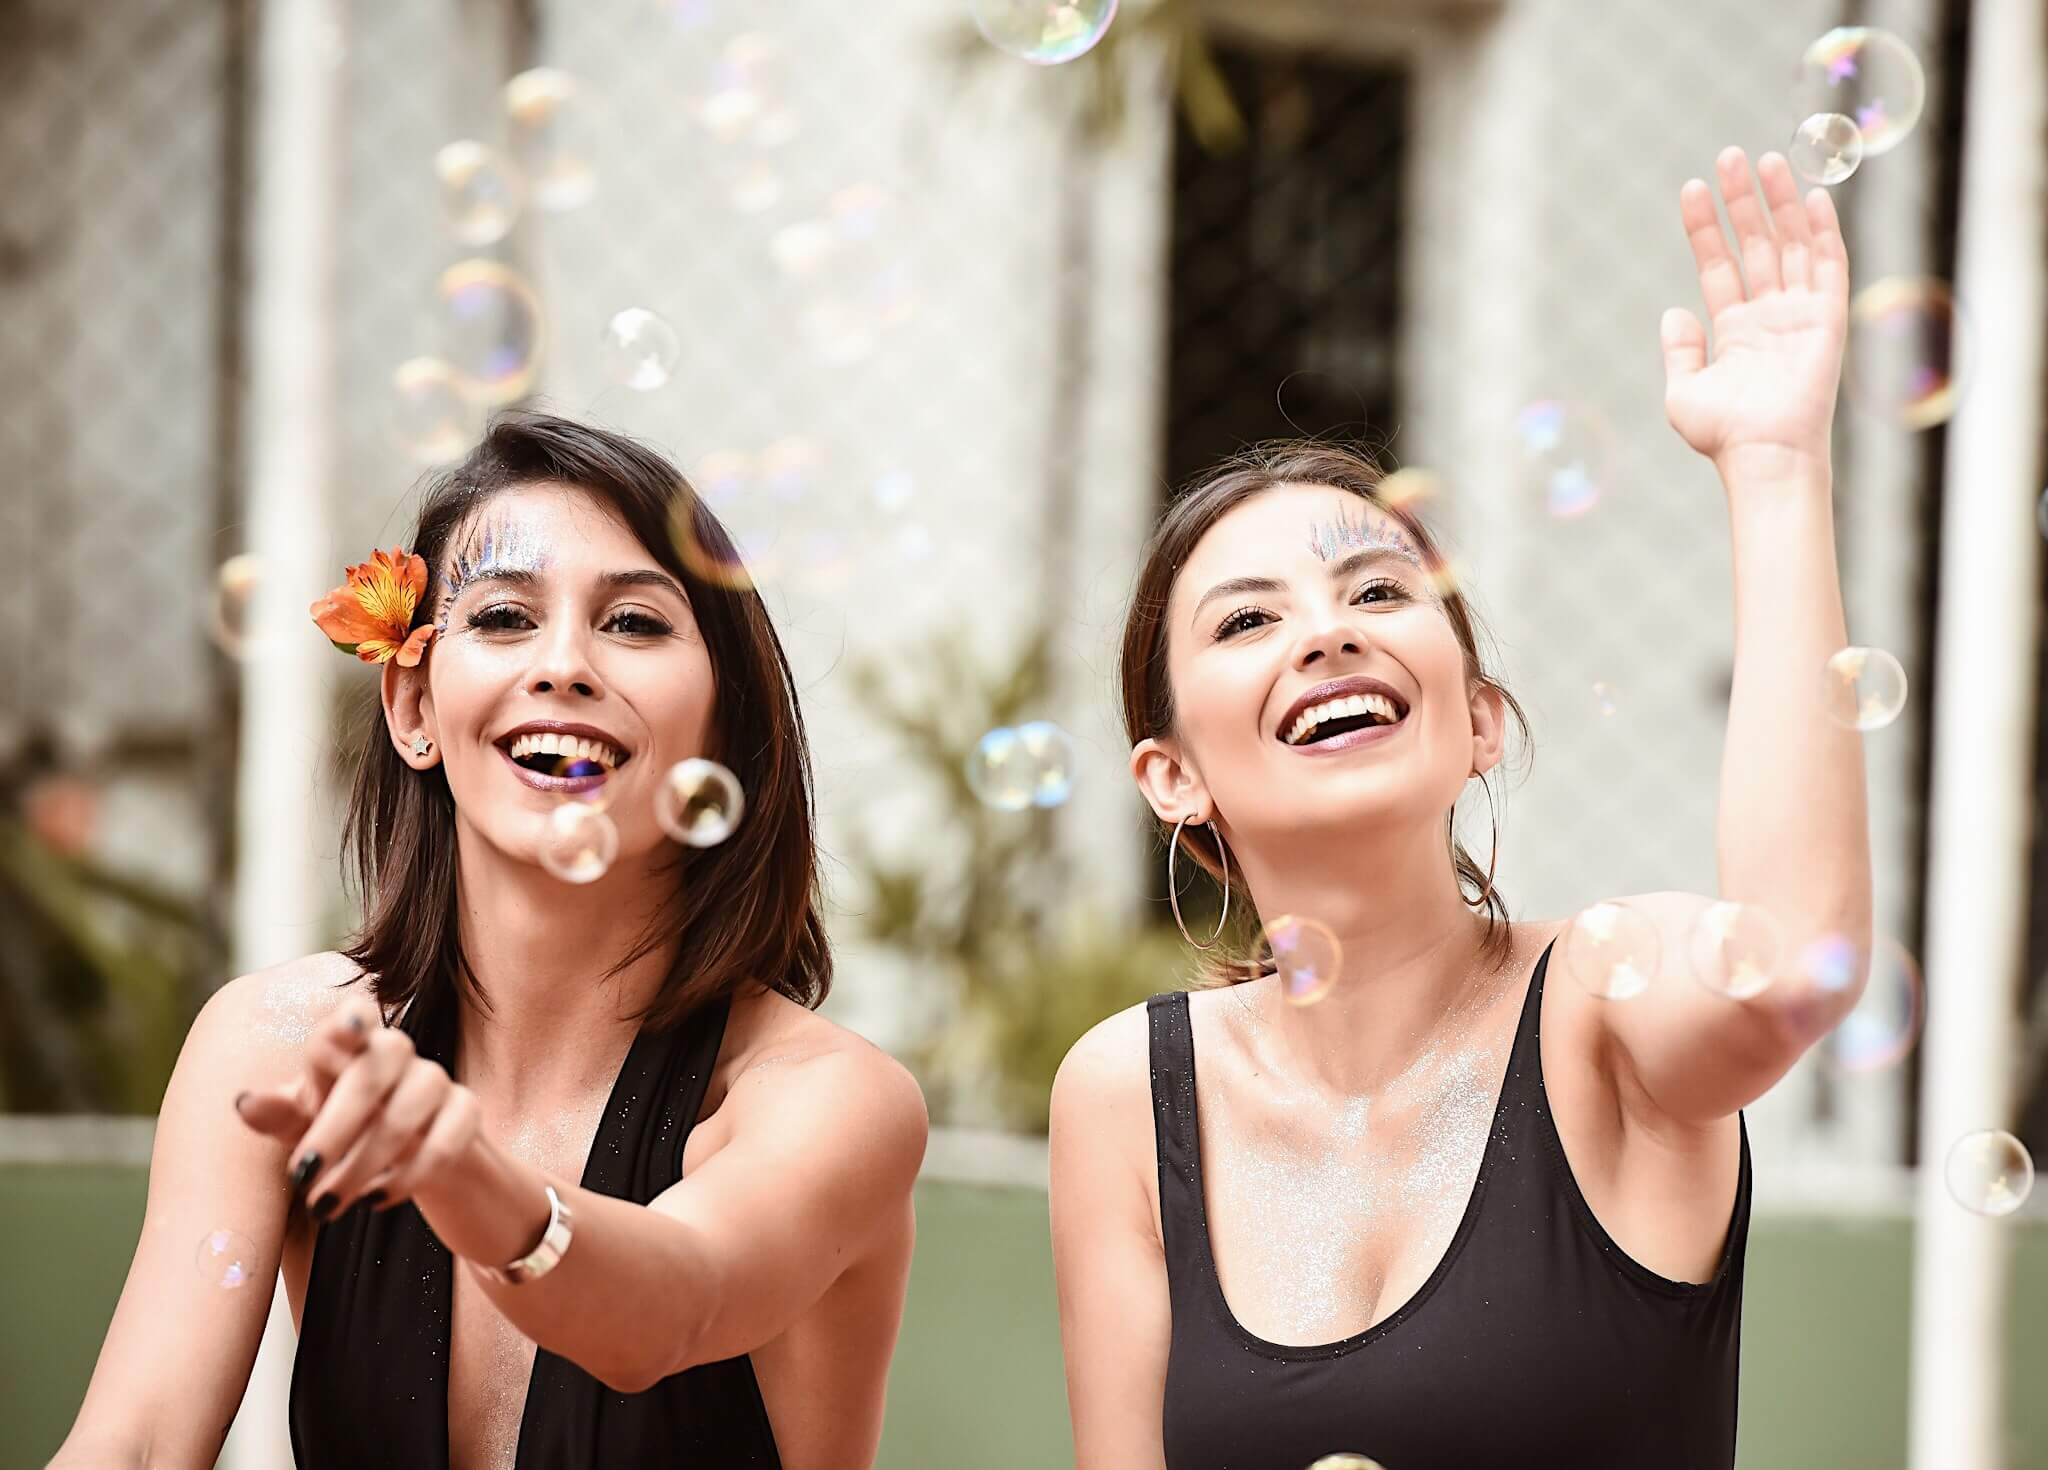 Van Duarte e Aline Flores usando makes fáceis de fazer para o carnaval, brincando com as bolhas de sabão